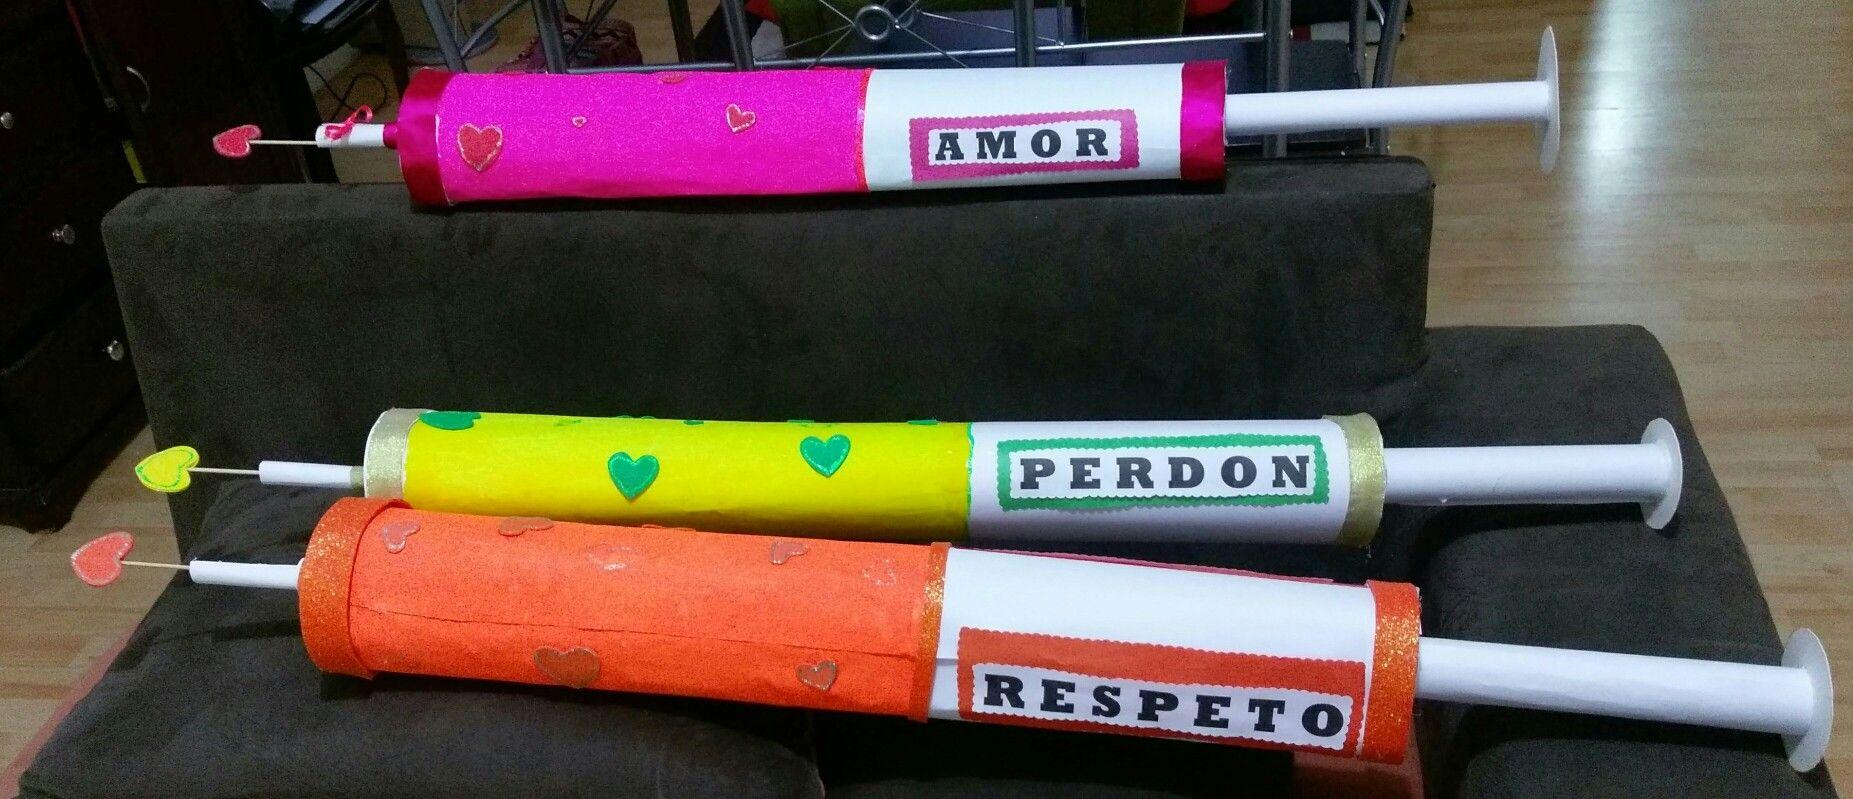 Jeringas En Carton Para Actividad Del Colegio Jeringas Carpetas Decoradas Manualidades